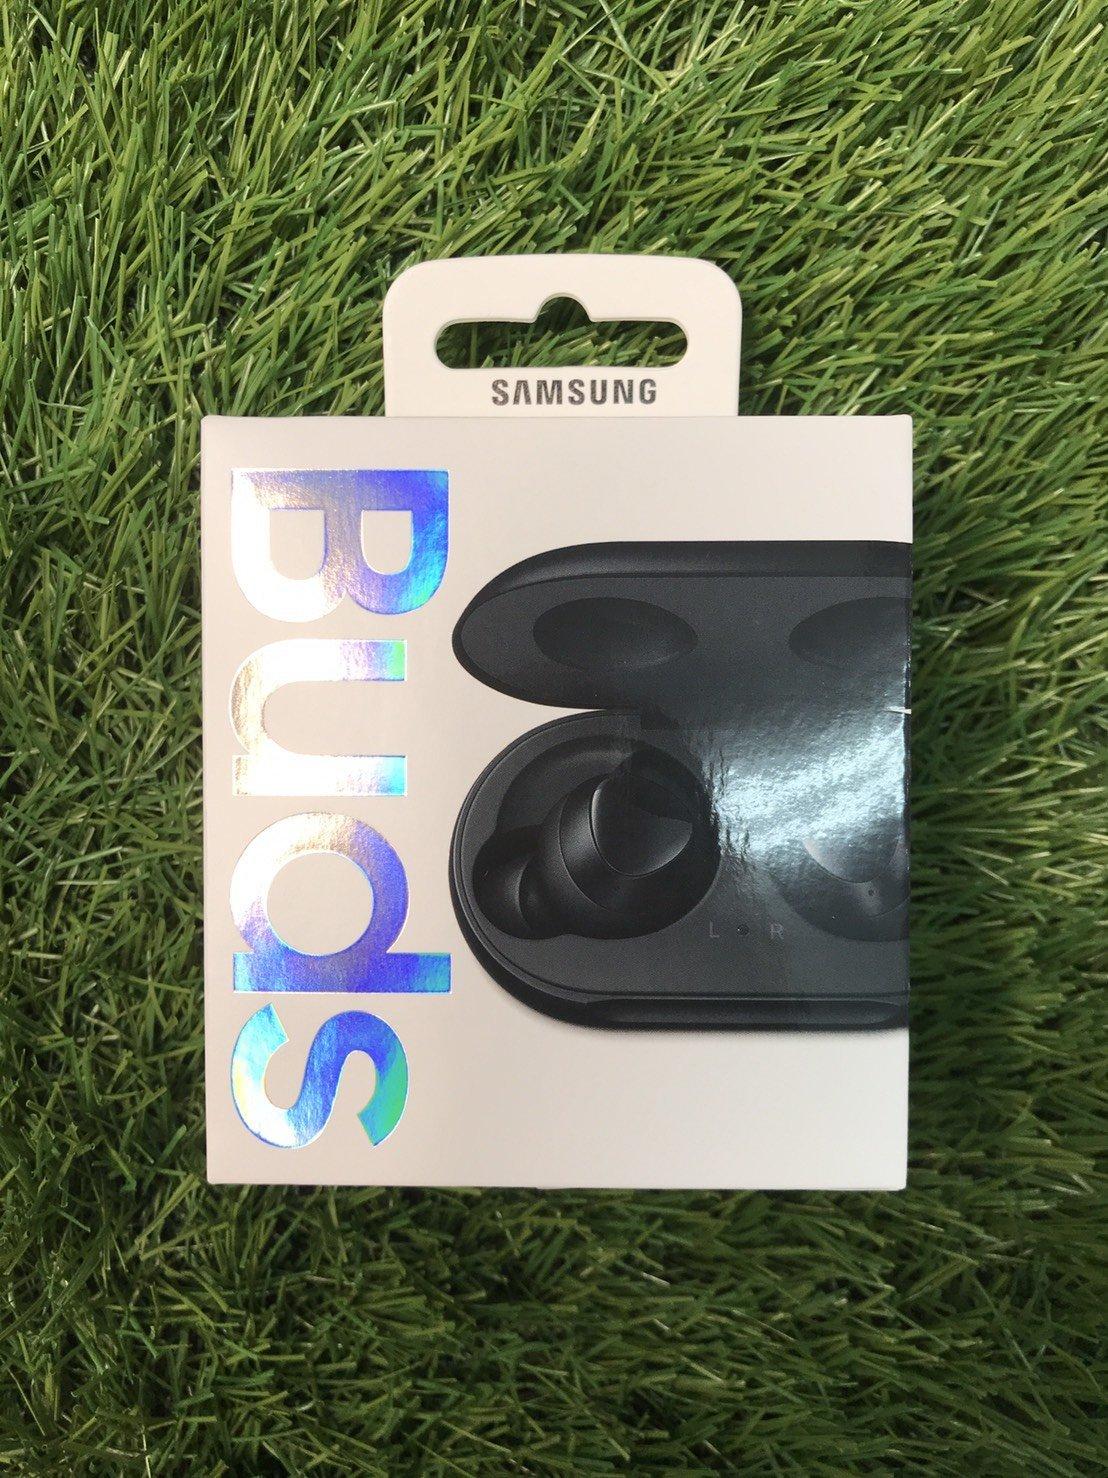 三星 Samsung Galaxy Buds 真無線藍芽耳機 原廠公司貨 5.0藍芽 AKG極致音質 無線充電 黑 / 白 2